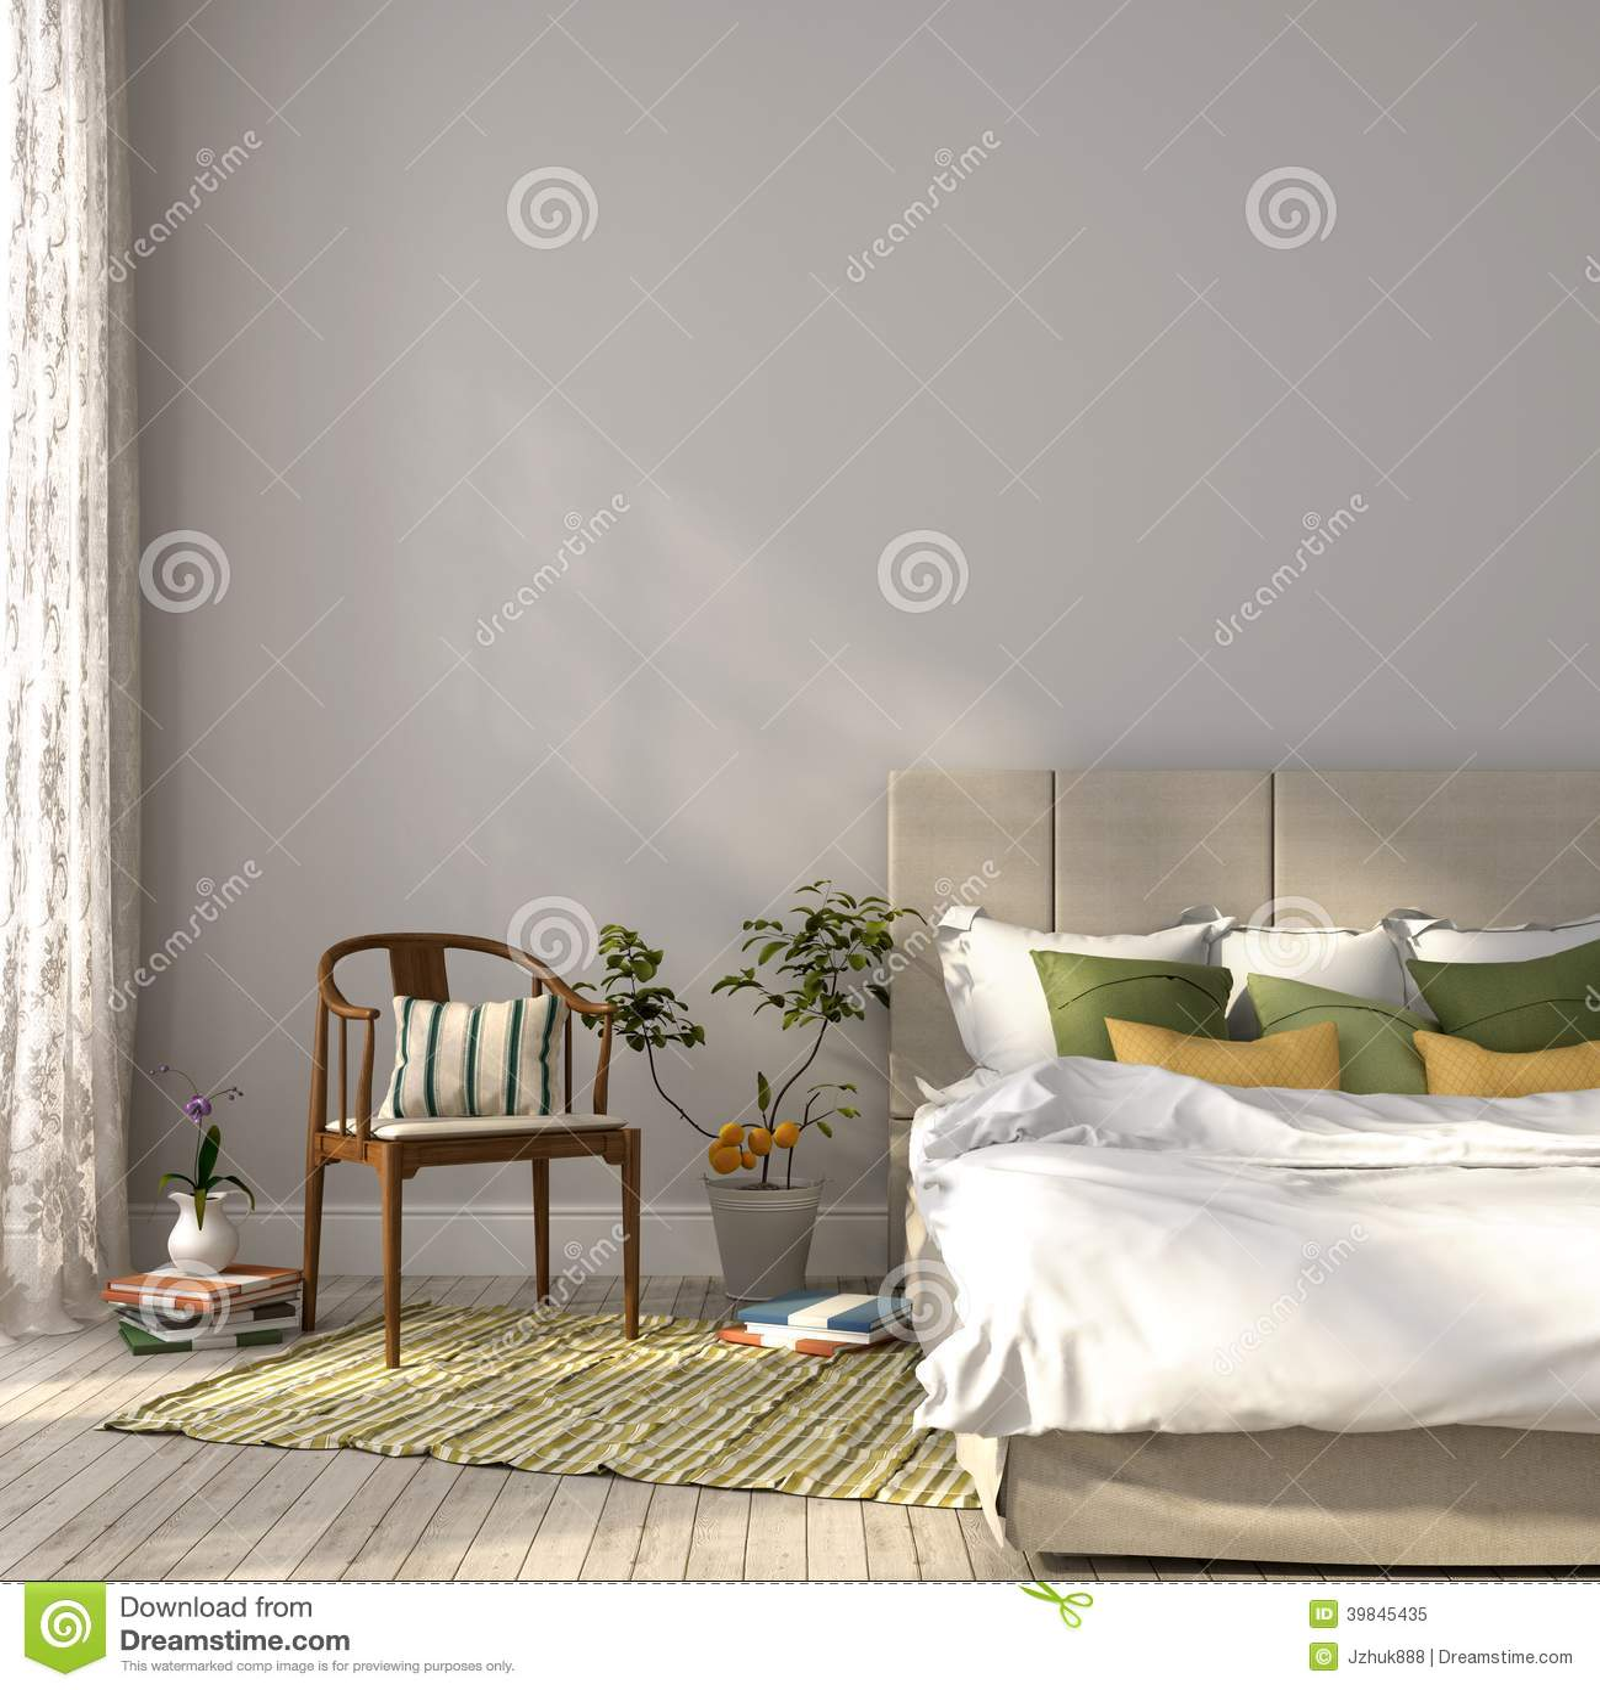 Lit beige avec le décor vert